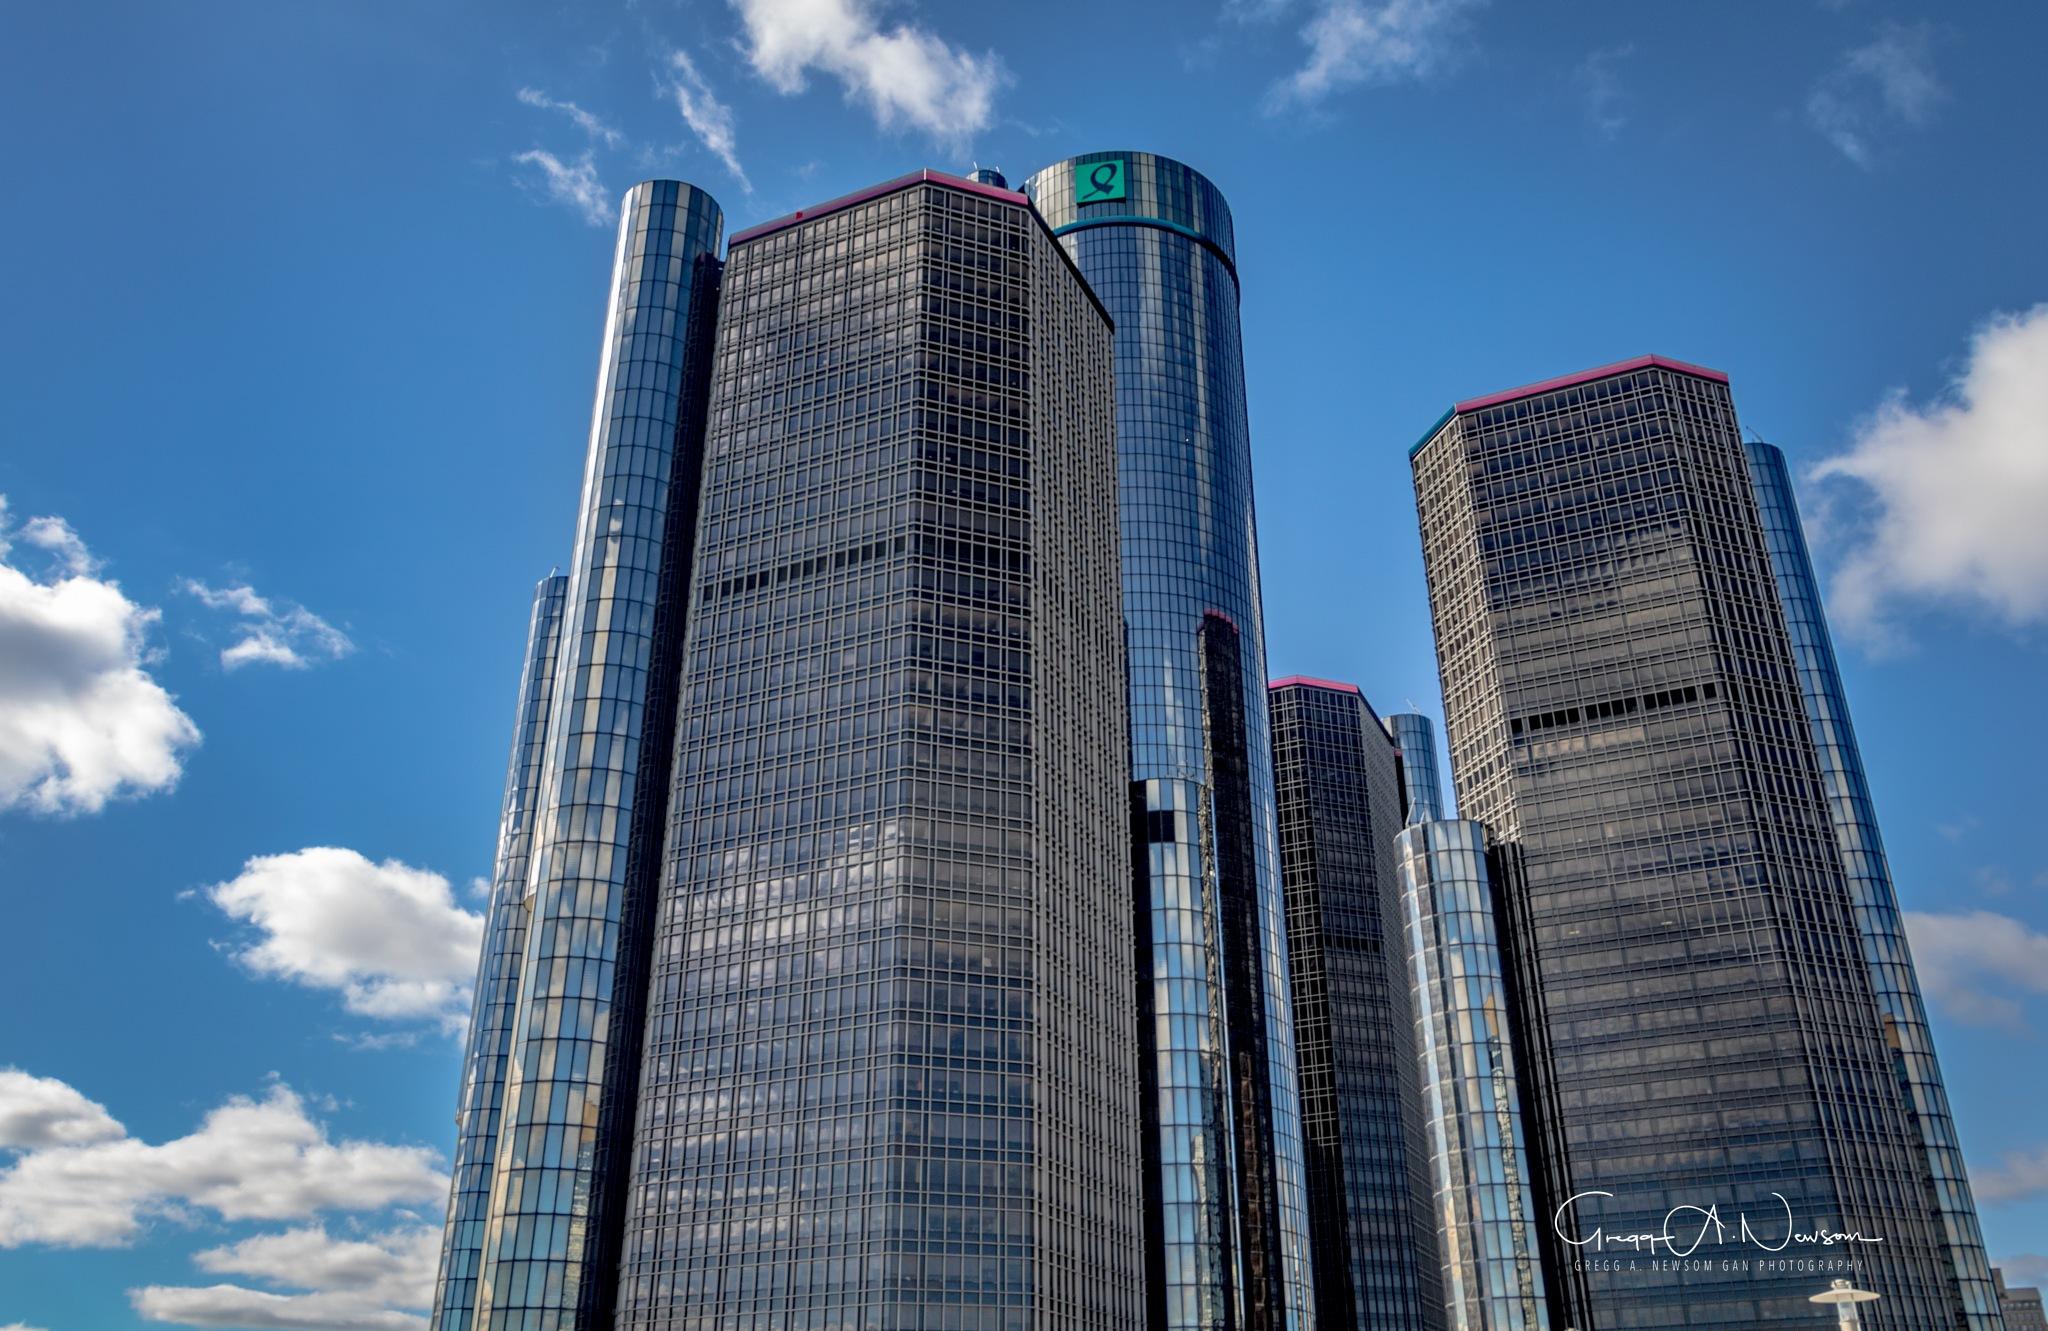 GM World Headquarters  by Gnewsom324